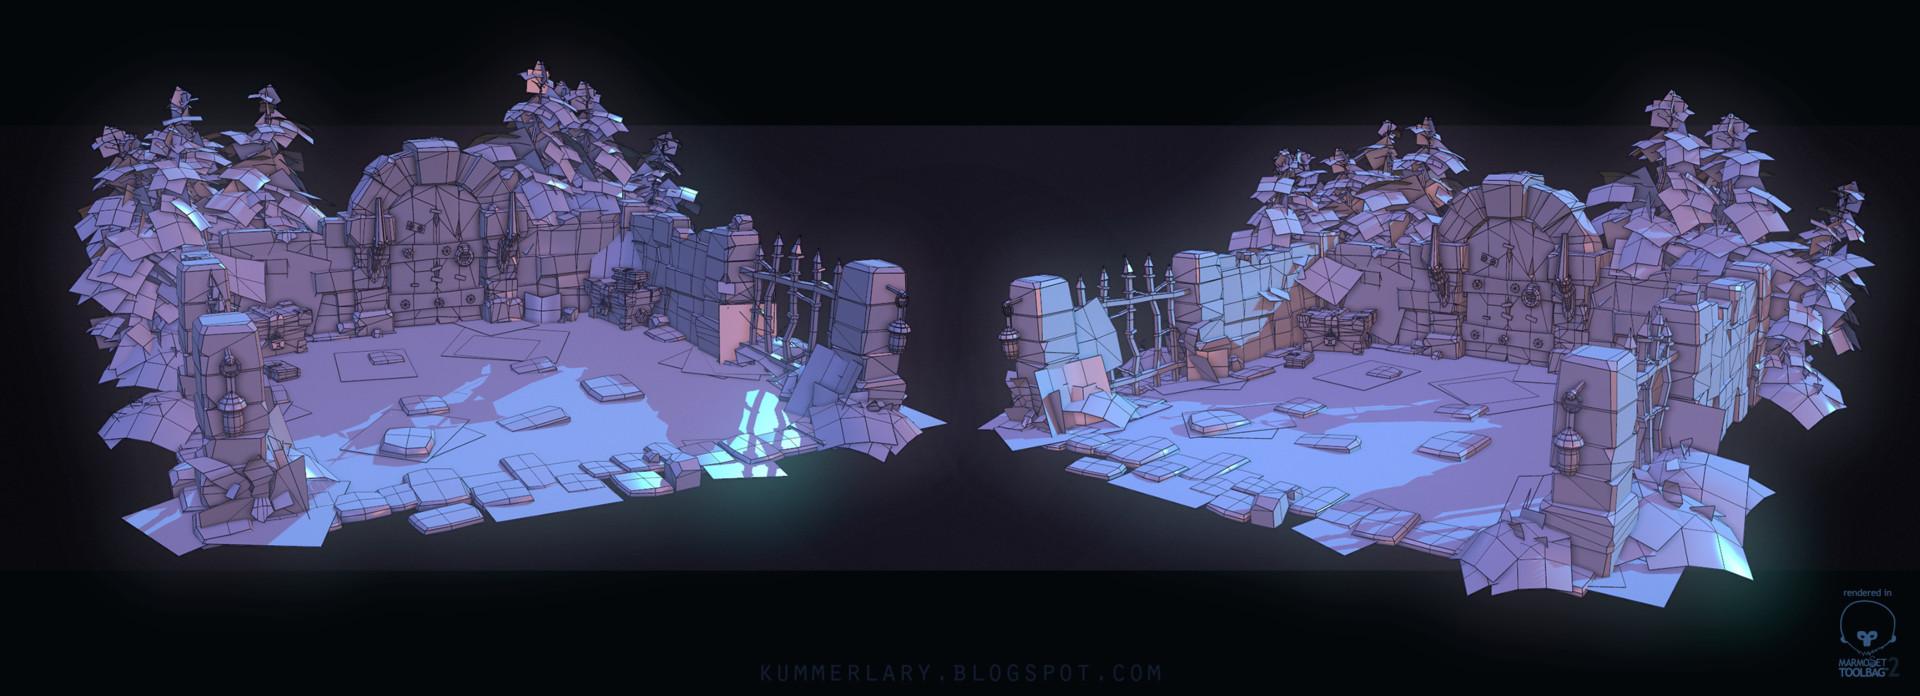 Lary kummer dungeon scene technicalshot 01